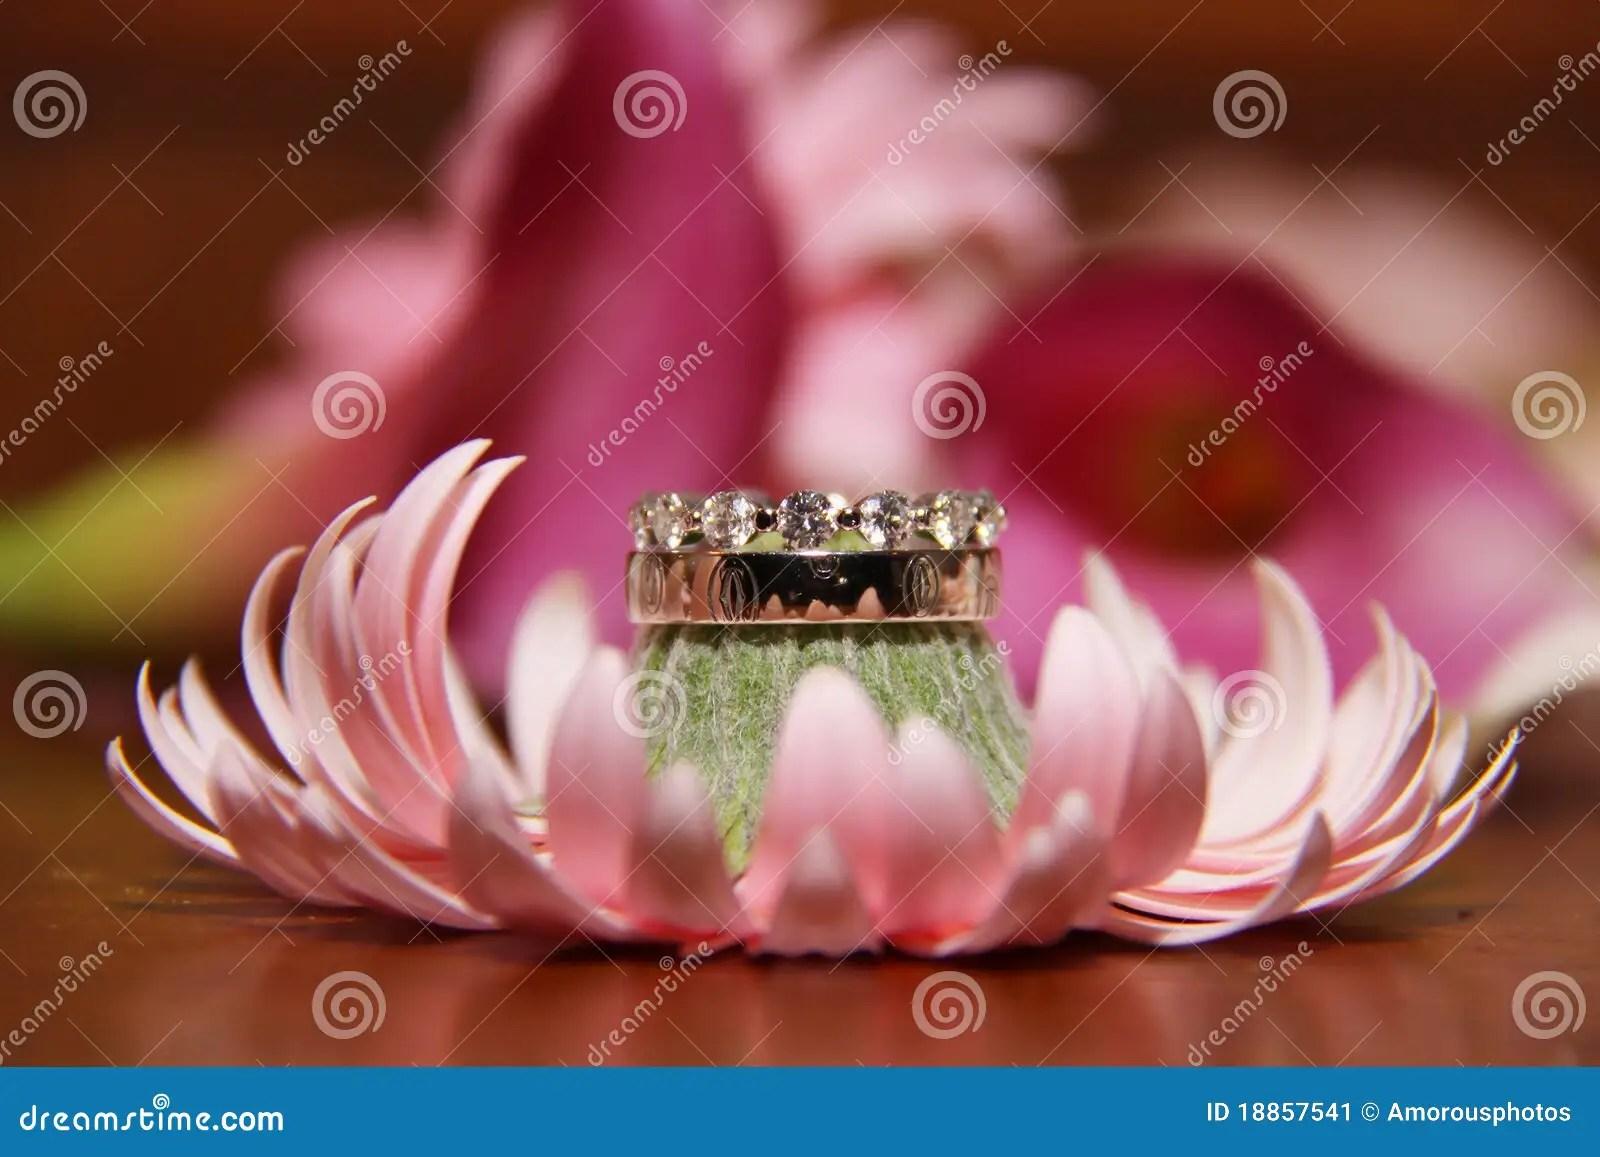 stock image wedding rings pink flower image flower wedding ring Wedding Rings on Pink Flower